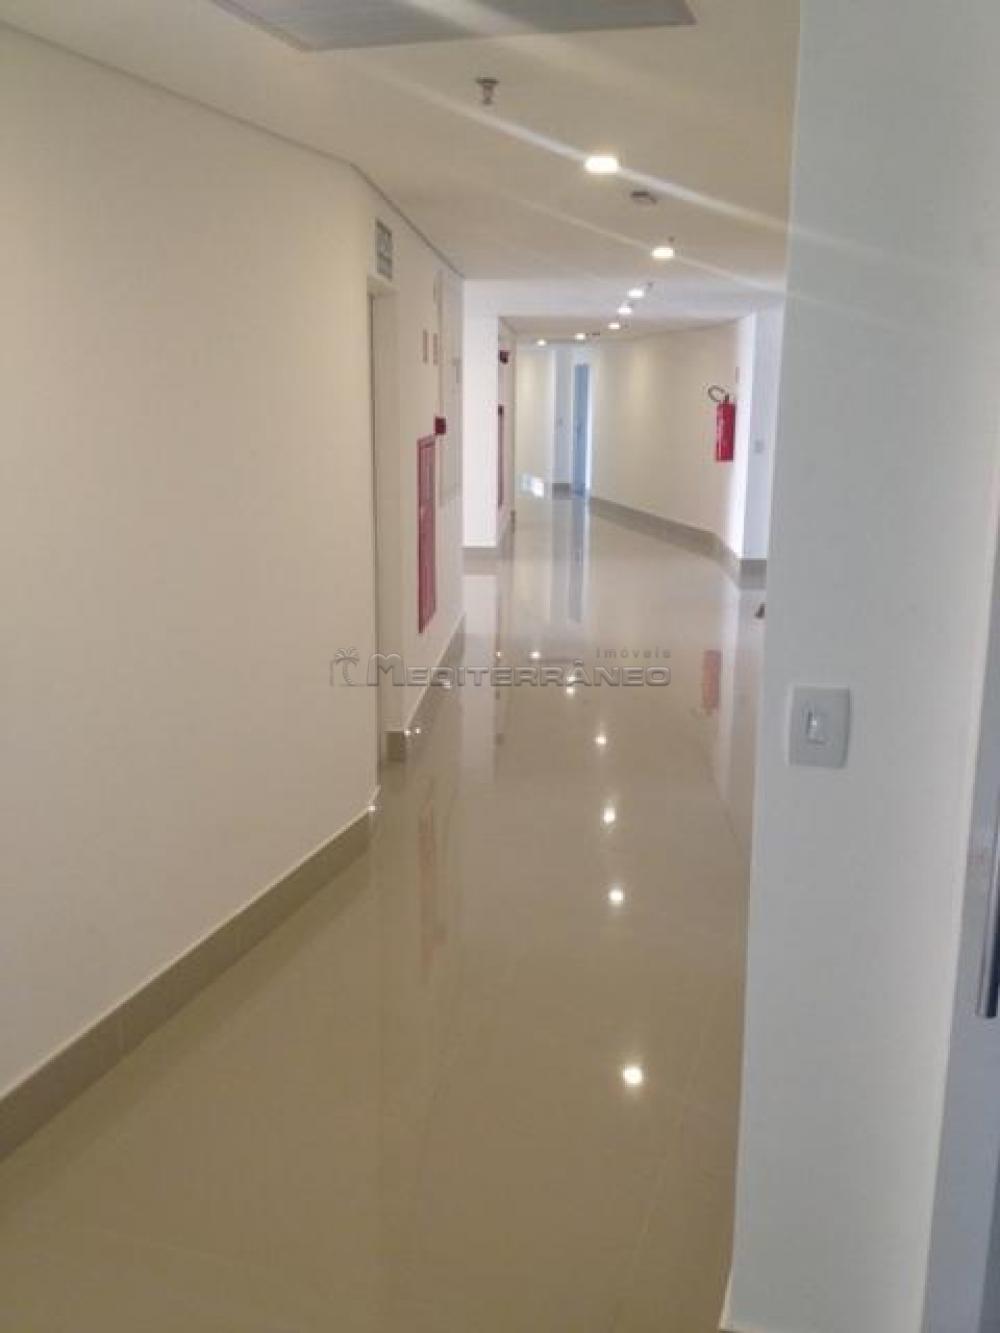 Alugar Comercial / Sala em Jundiaí apenas R$ 1.200,00 - Foto 7